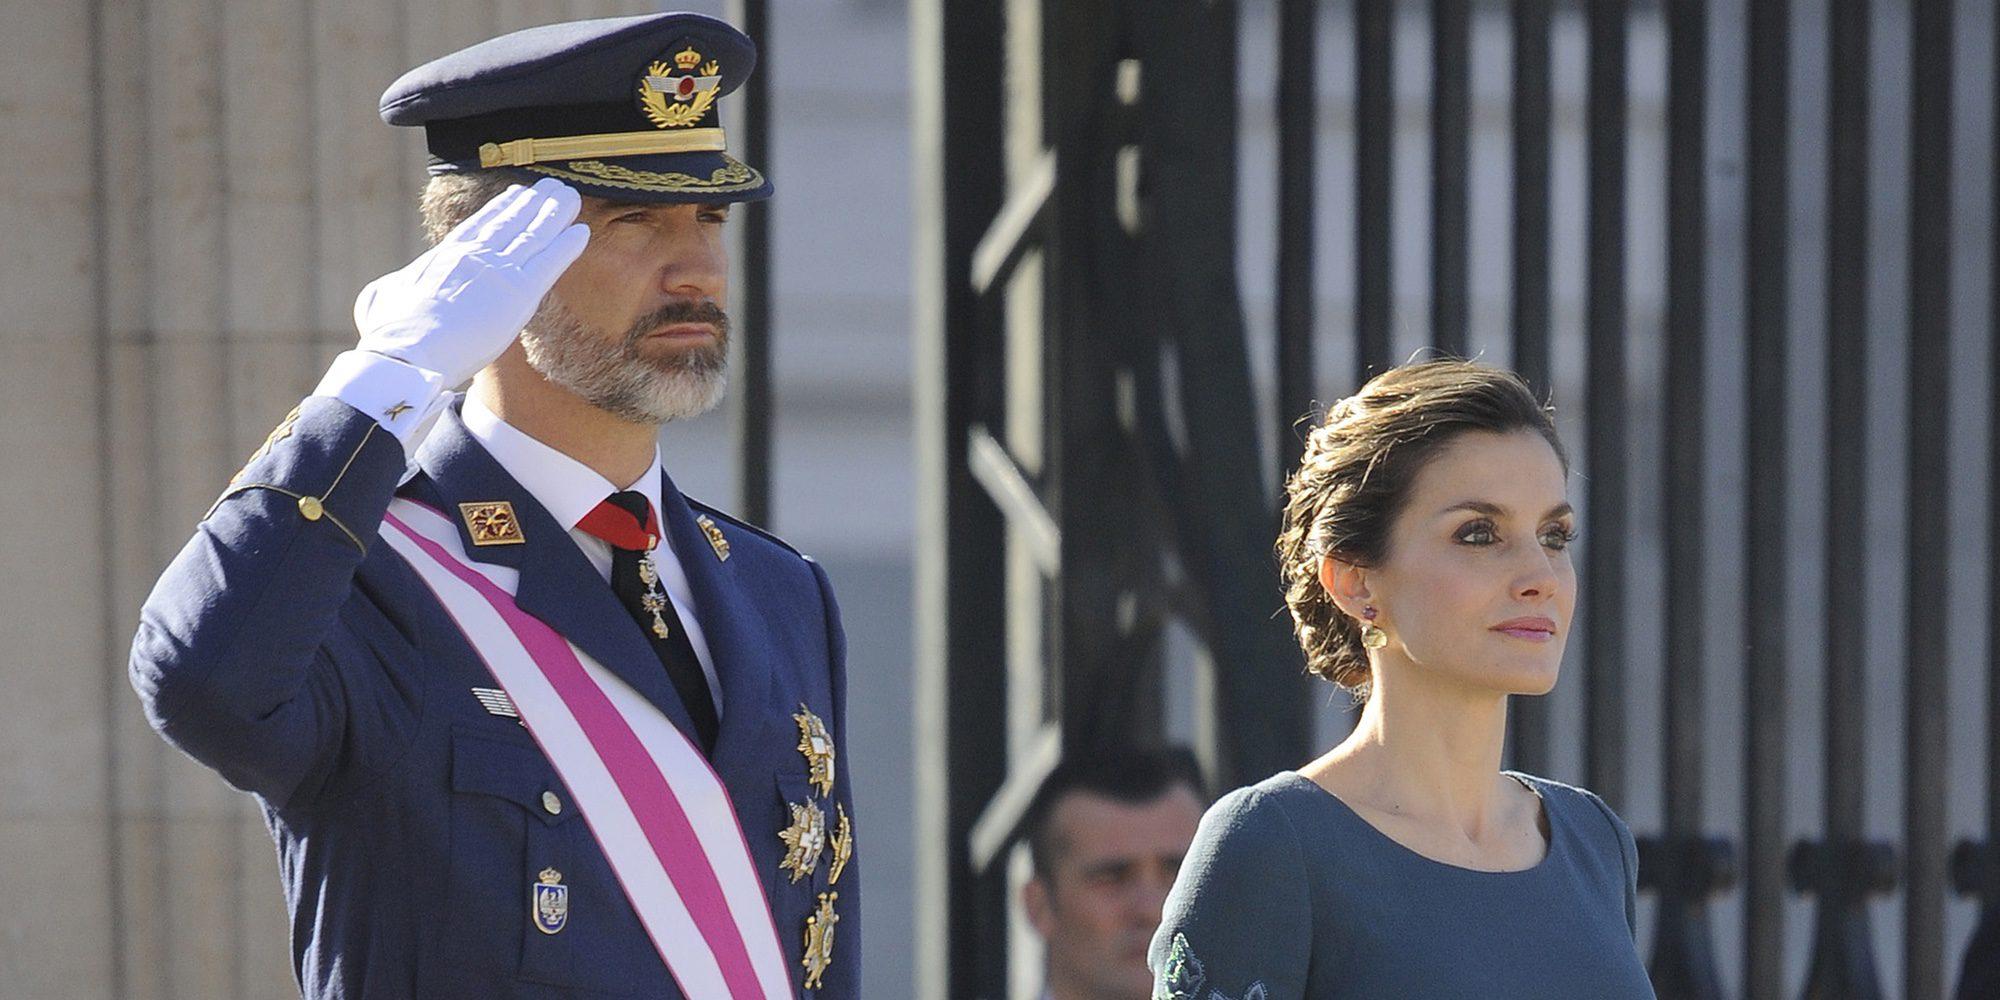 Los Reyes presiden su tercera Pascua Militar, marcada por el look repetido de la Reina Letizia